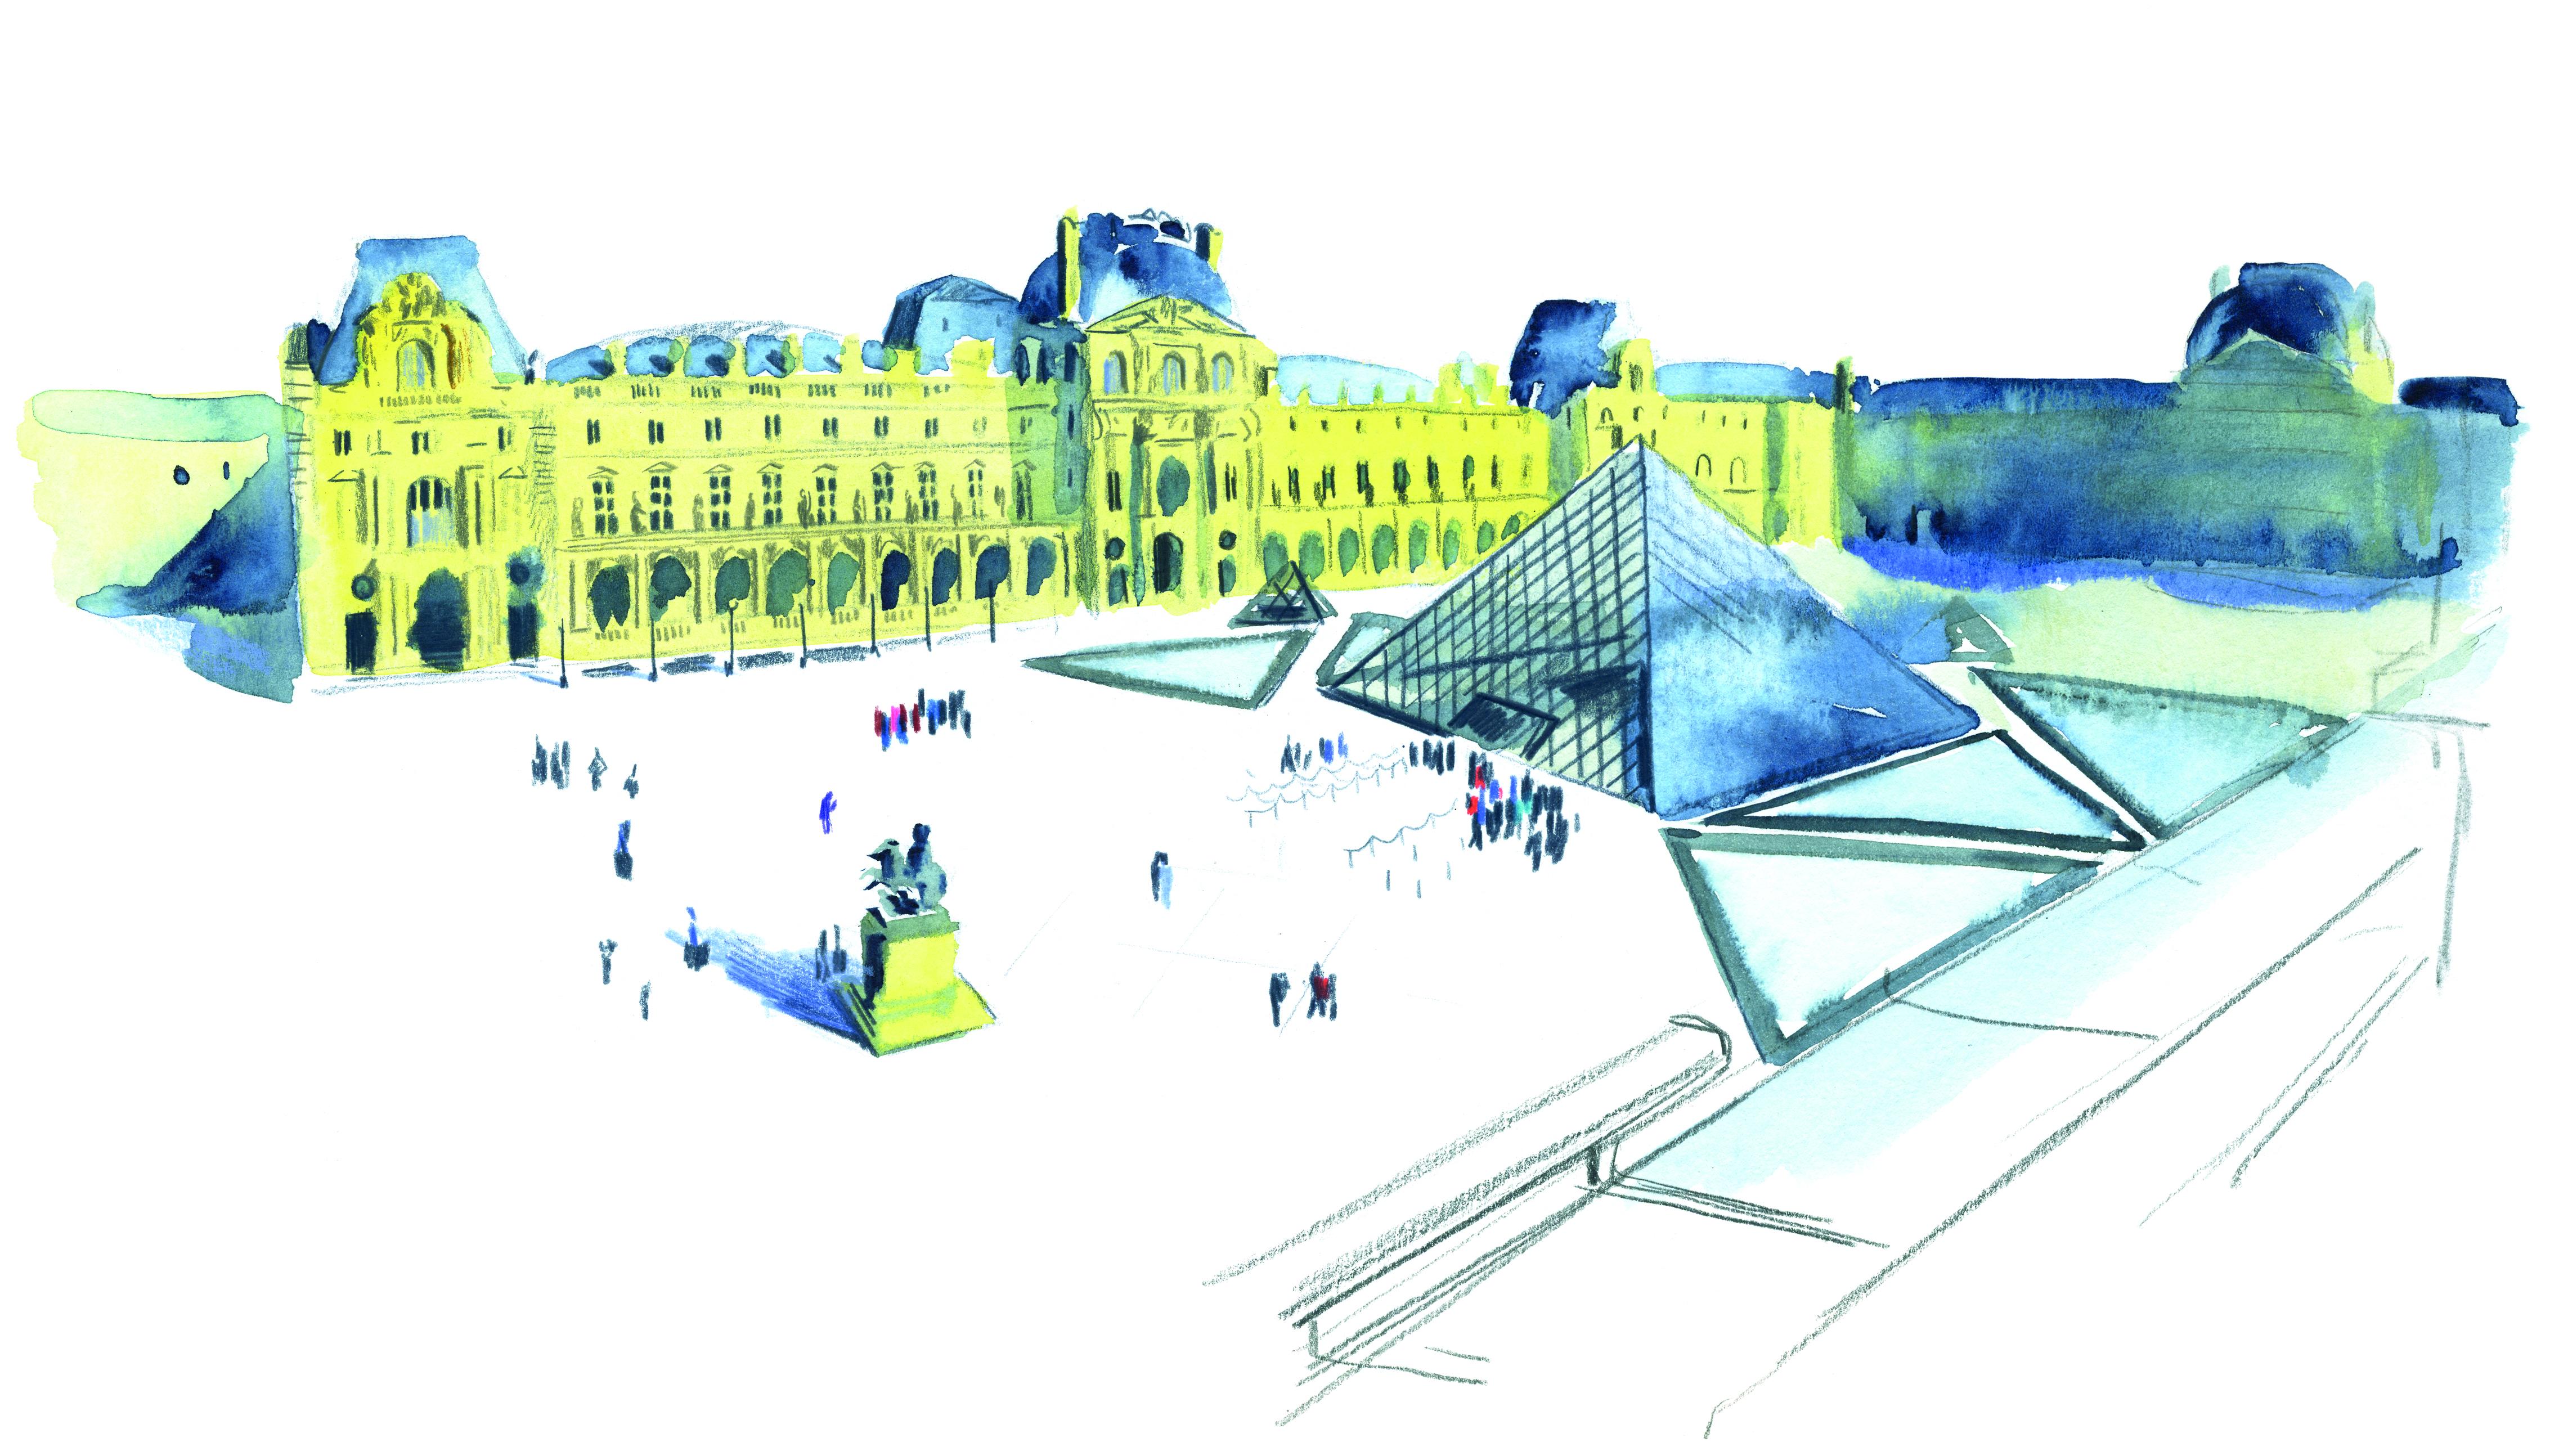 Les toits du Louvre, vue de l'aile Denon | GALERIE TREIZE-DIX I LUCILE PIKETTY | Les toits du Louvre, vue de l'aile Denon